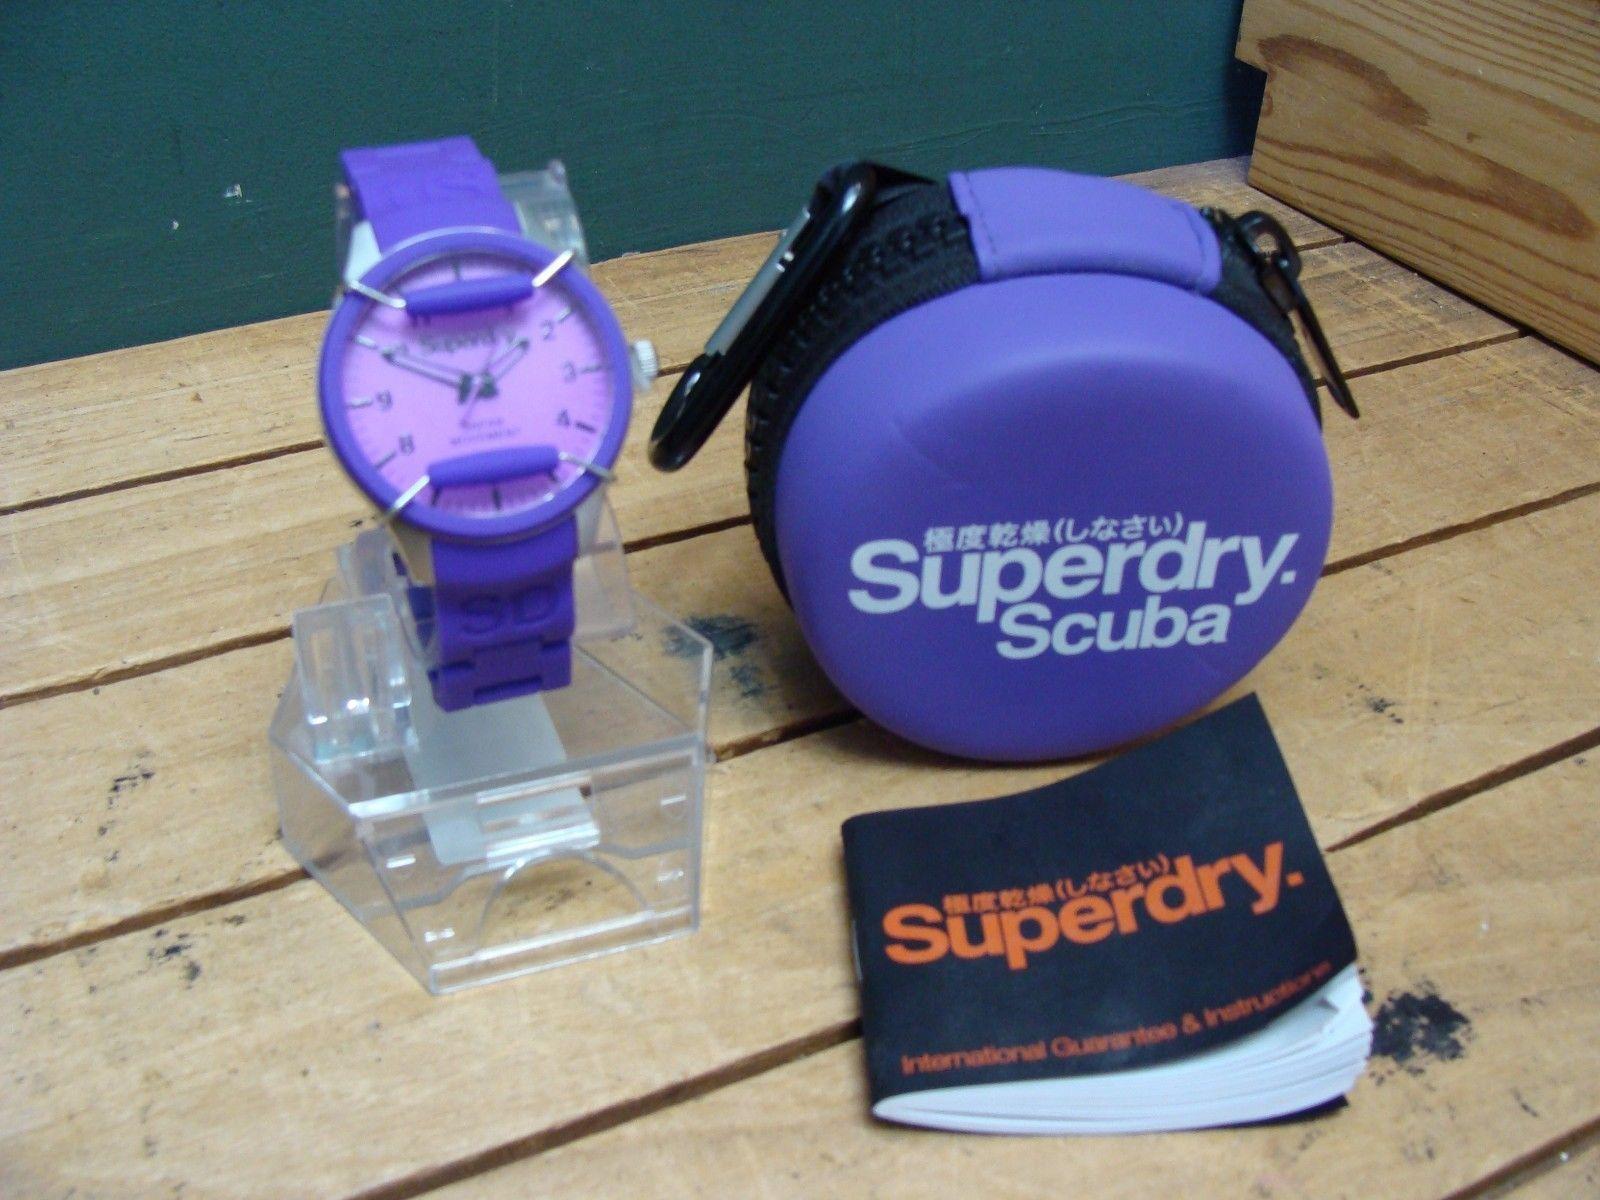 Ladies Superdry Purple Resin Scuba Watch  https://t.co/dCrutX6fIO https://t.co/ukwuik5ZeC